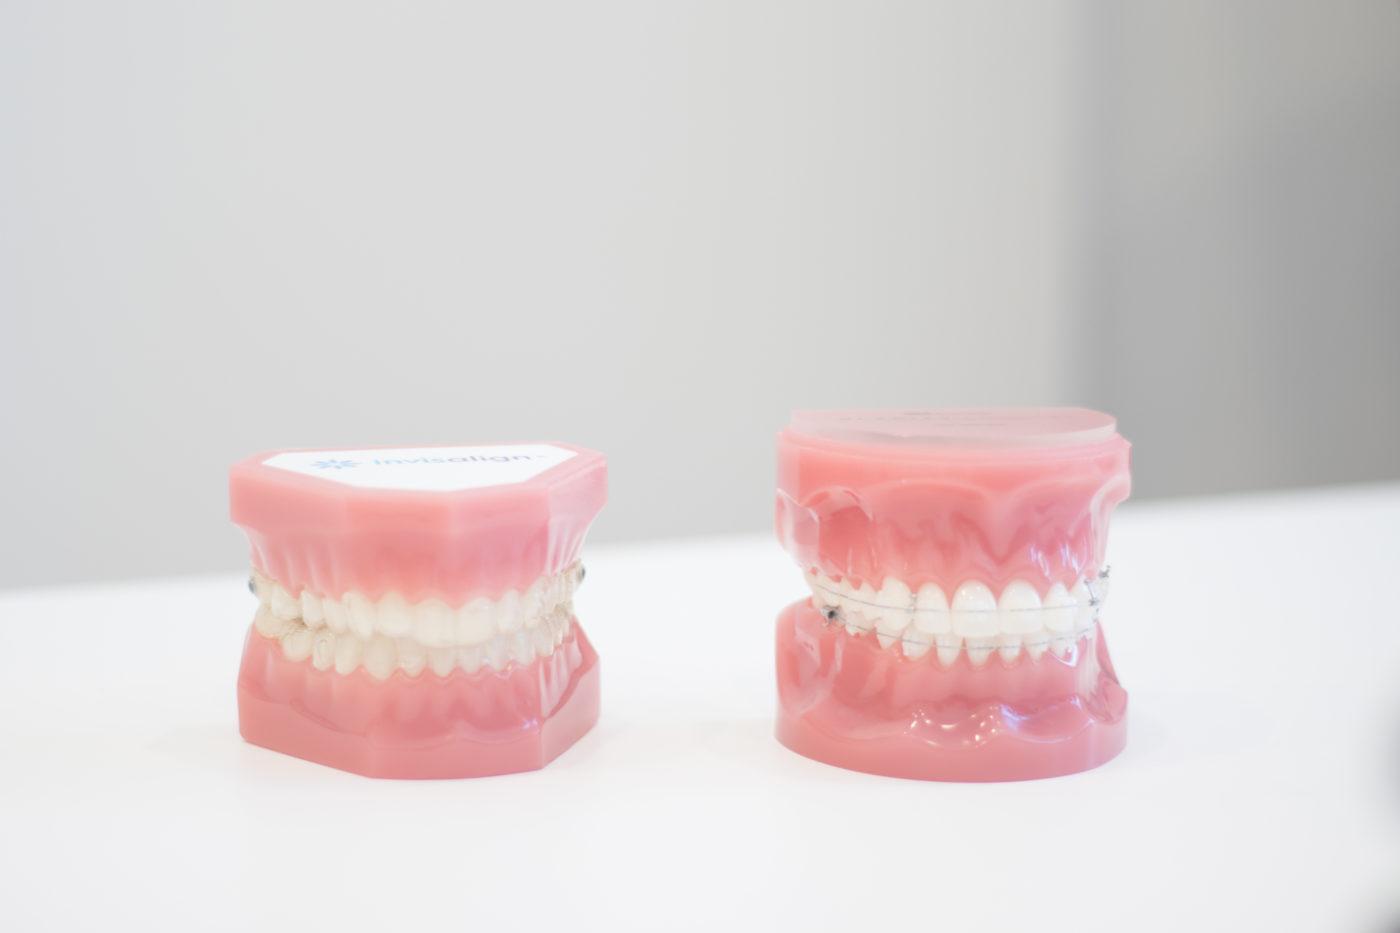 Fantomas con distintas ortodoncias